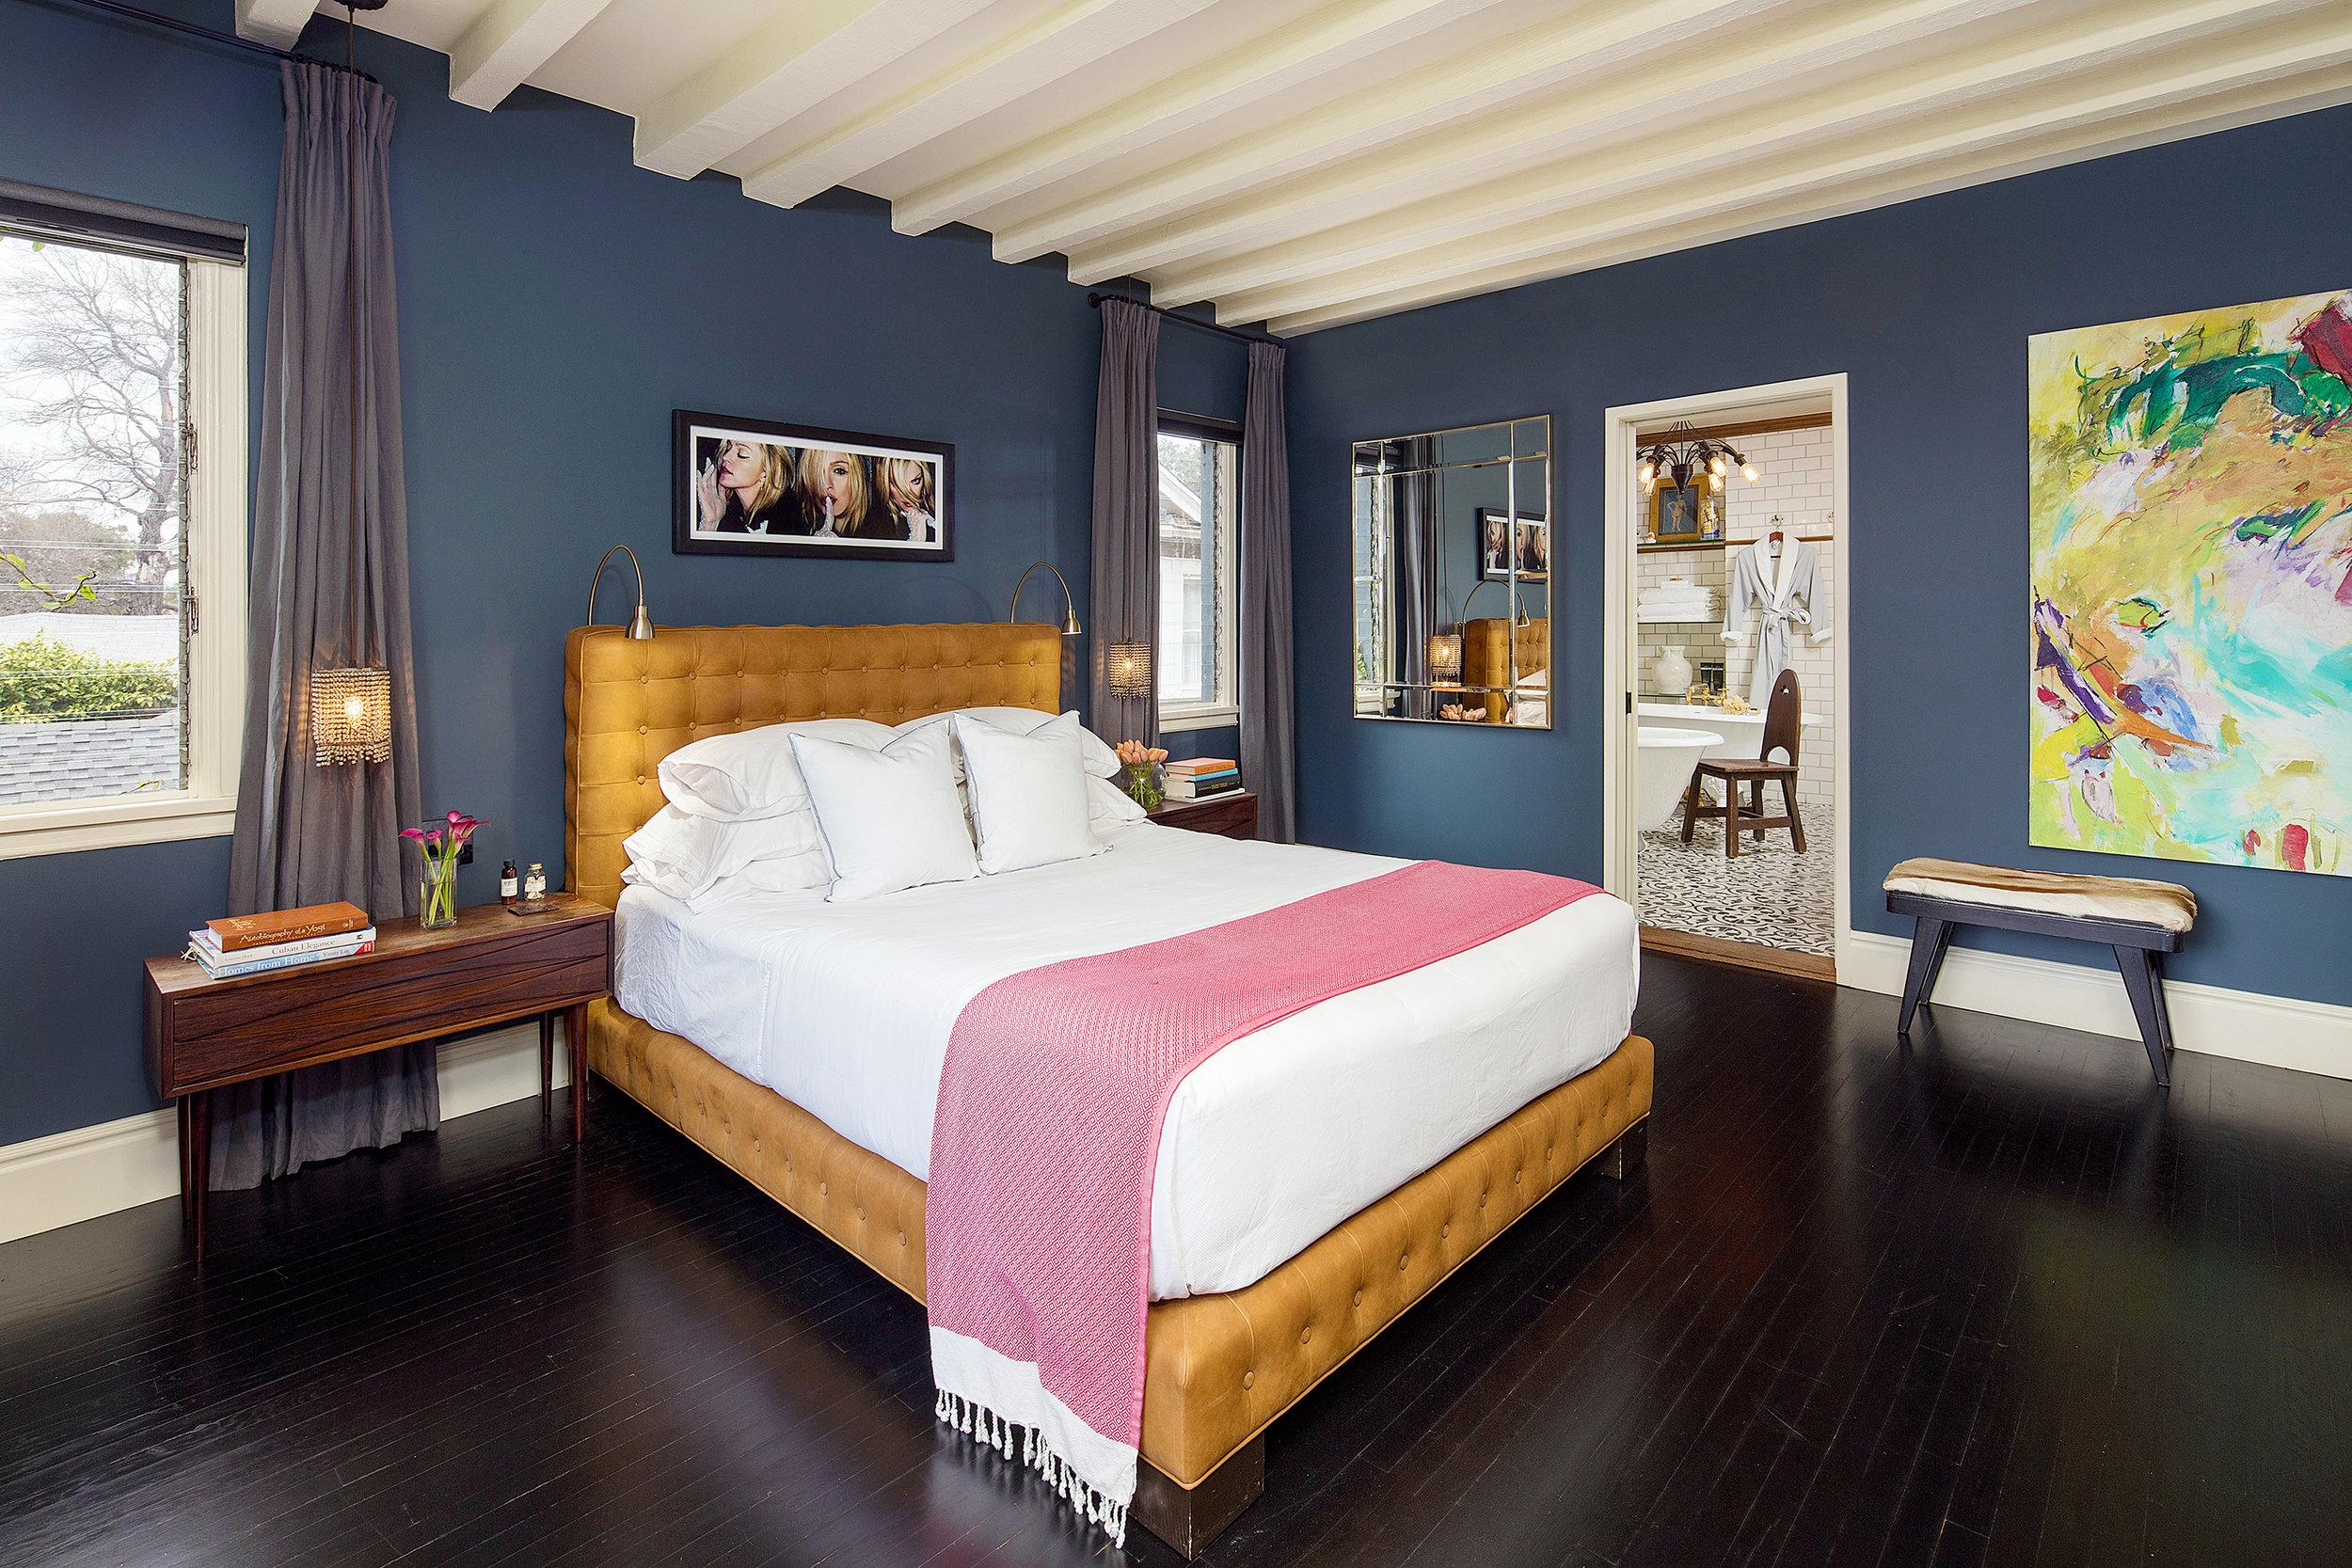 bedroom1a.jpg